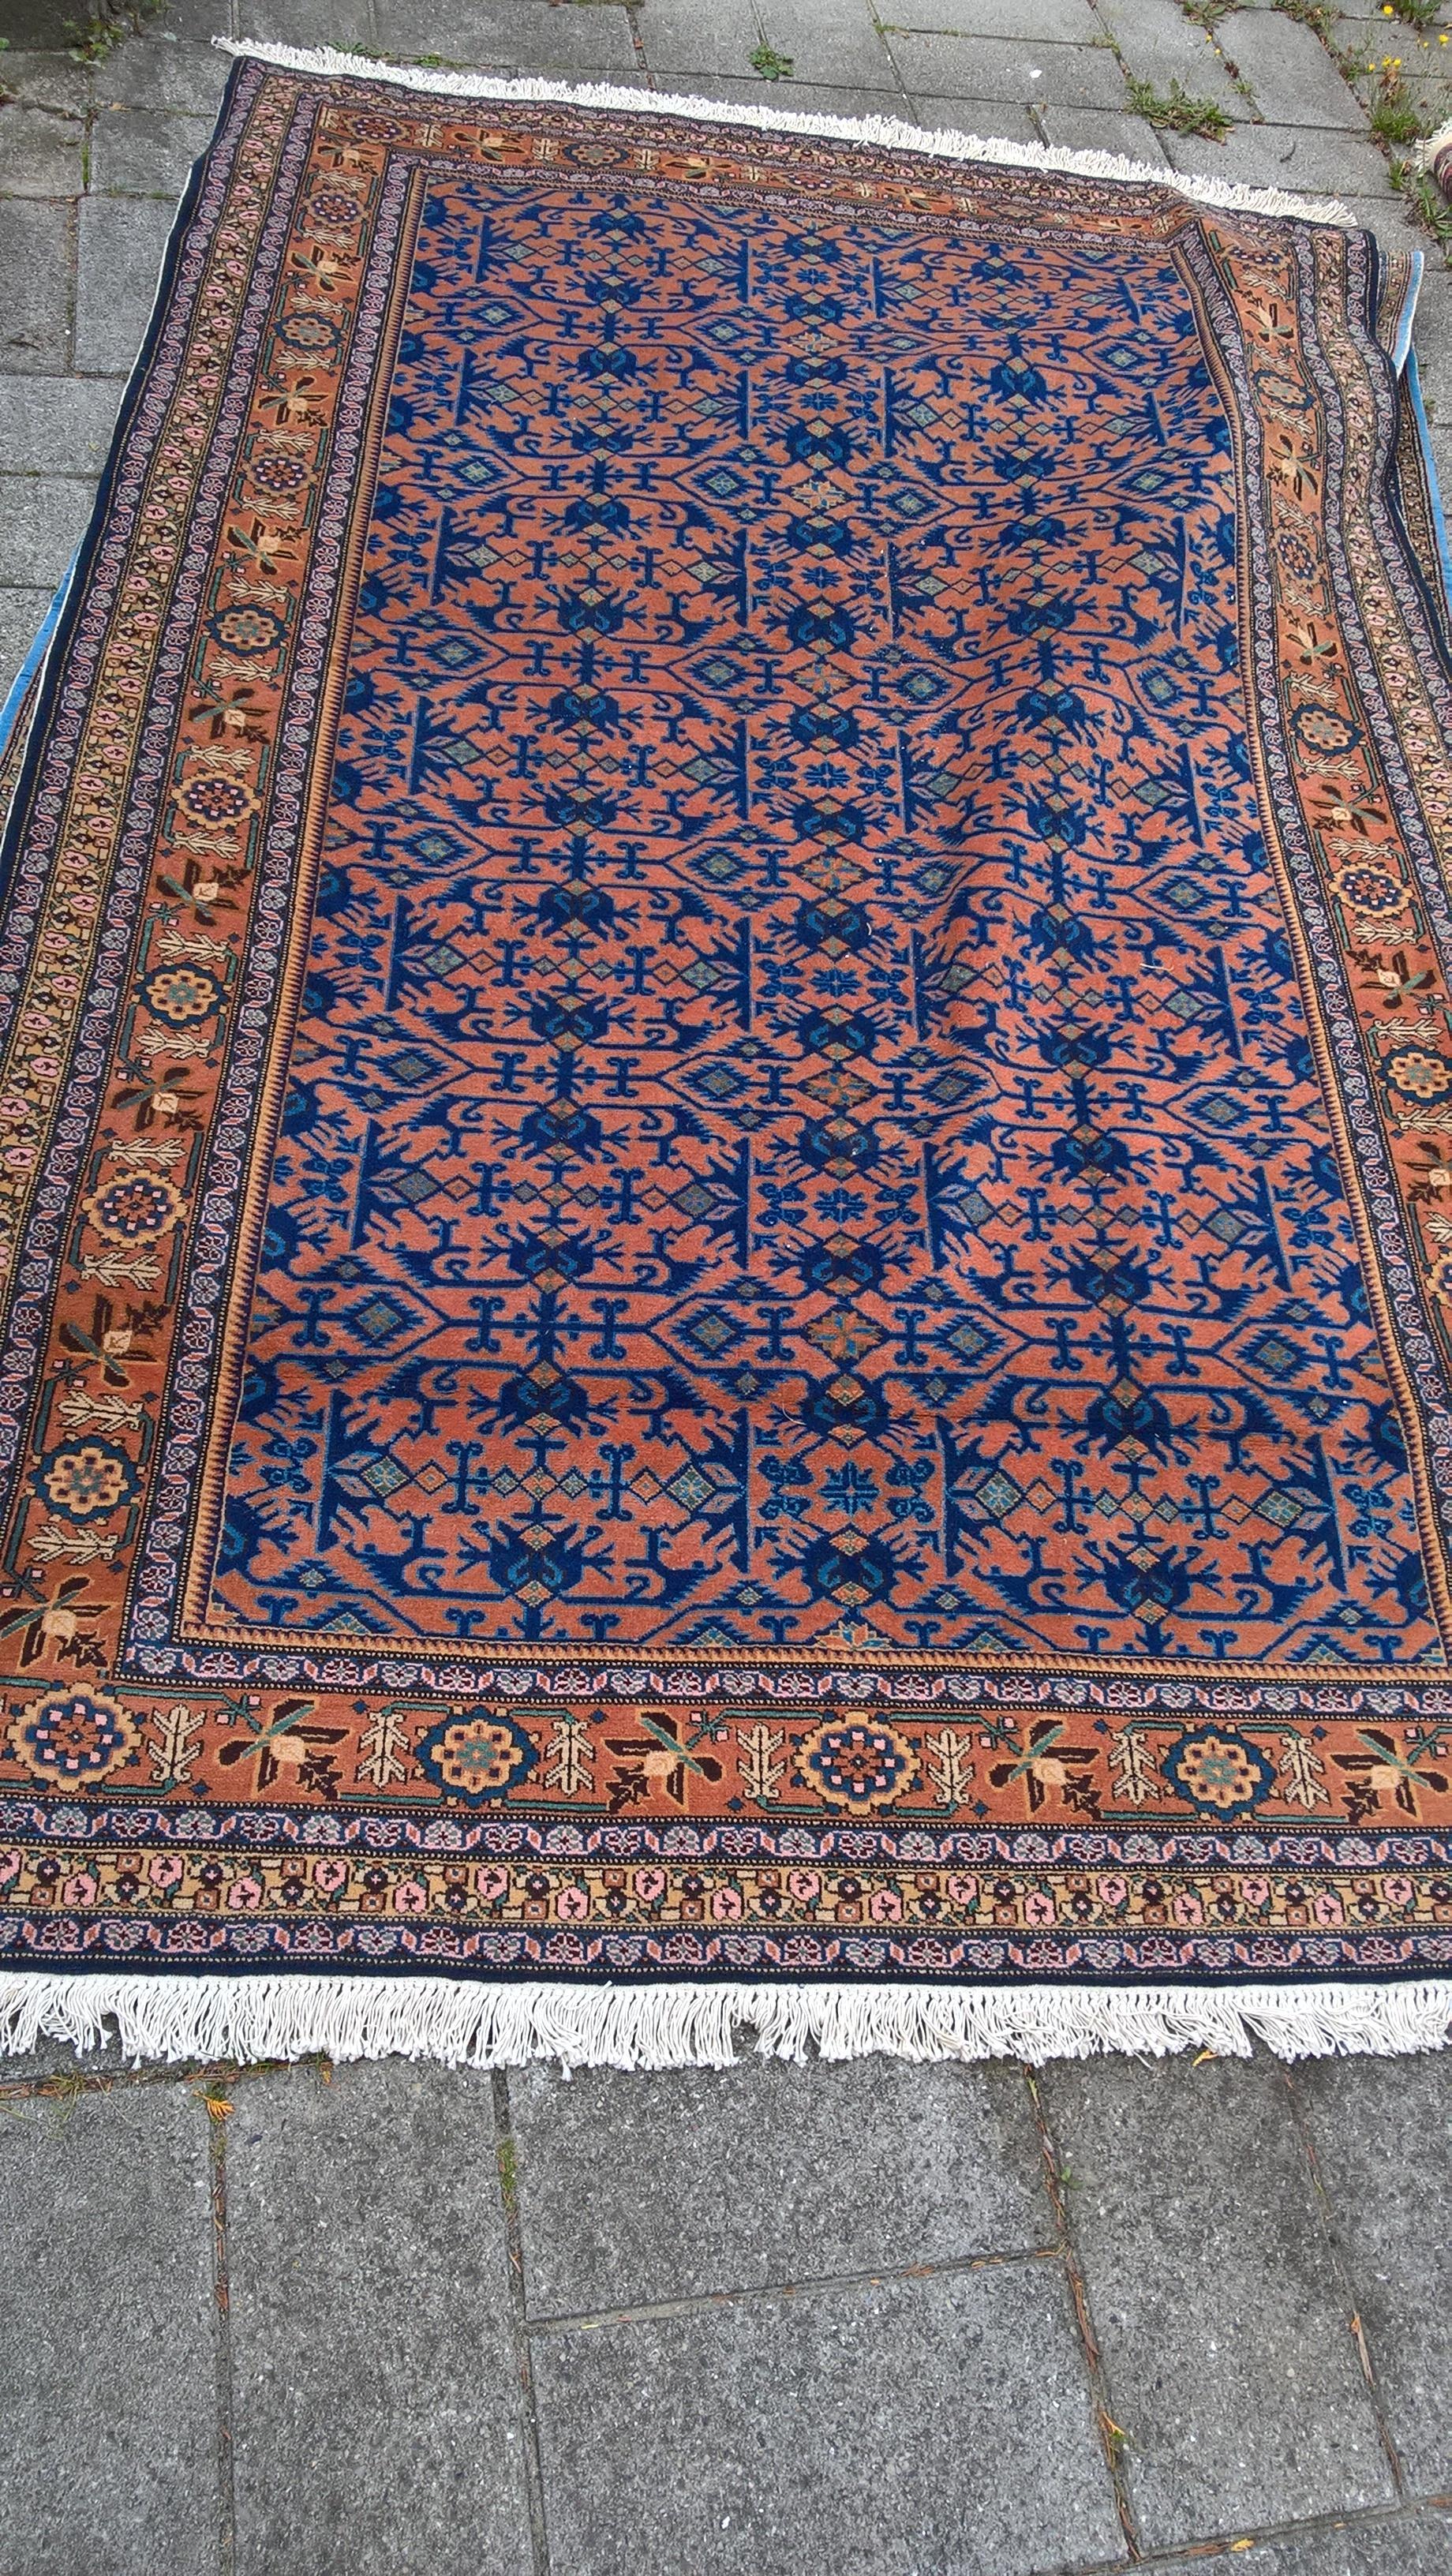 Varenr. Roc16-3460-06-blue brown